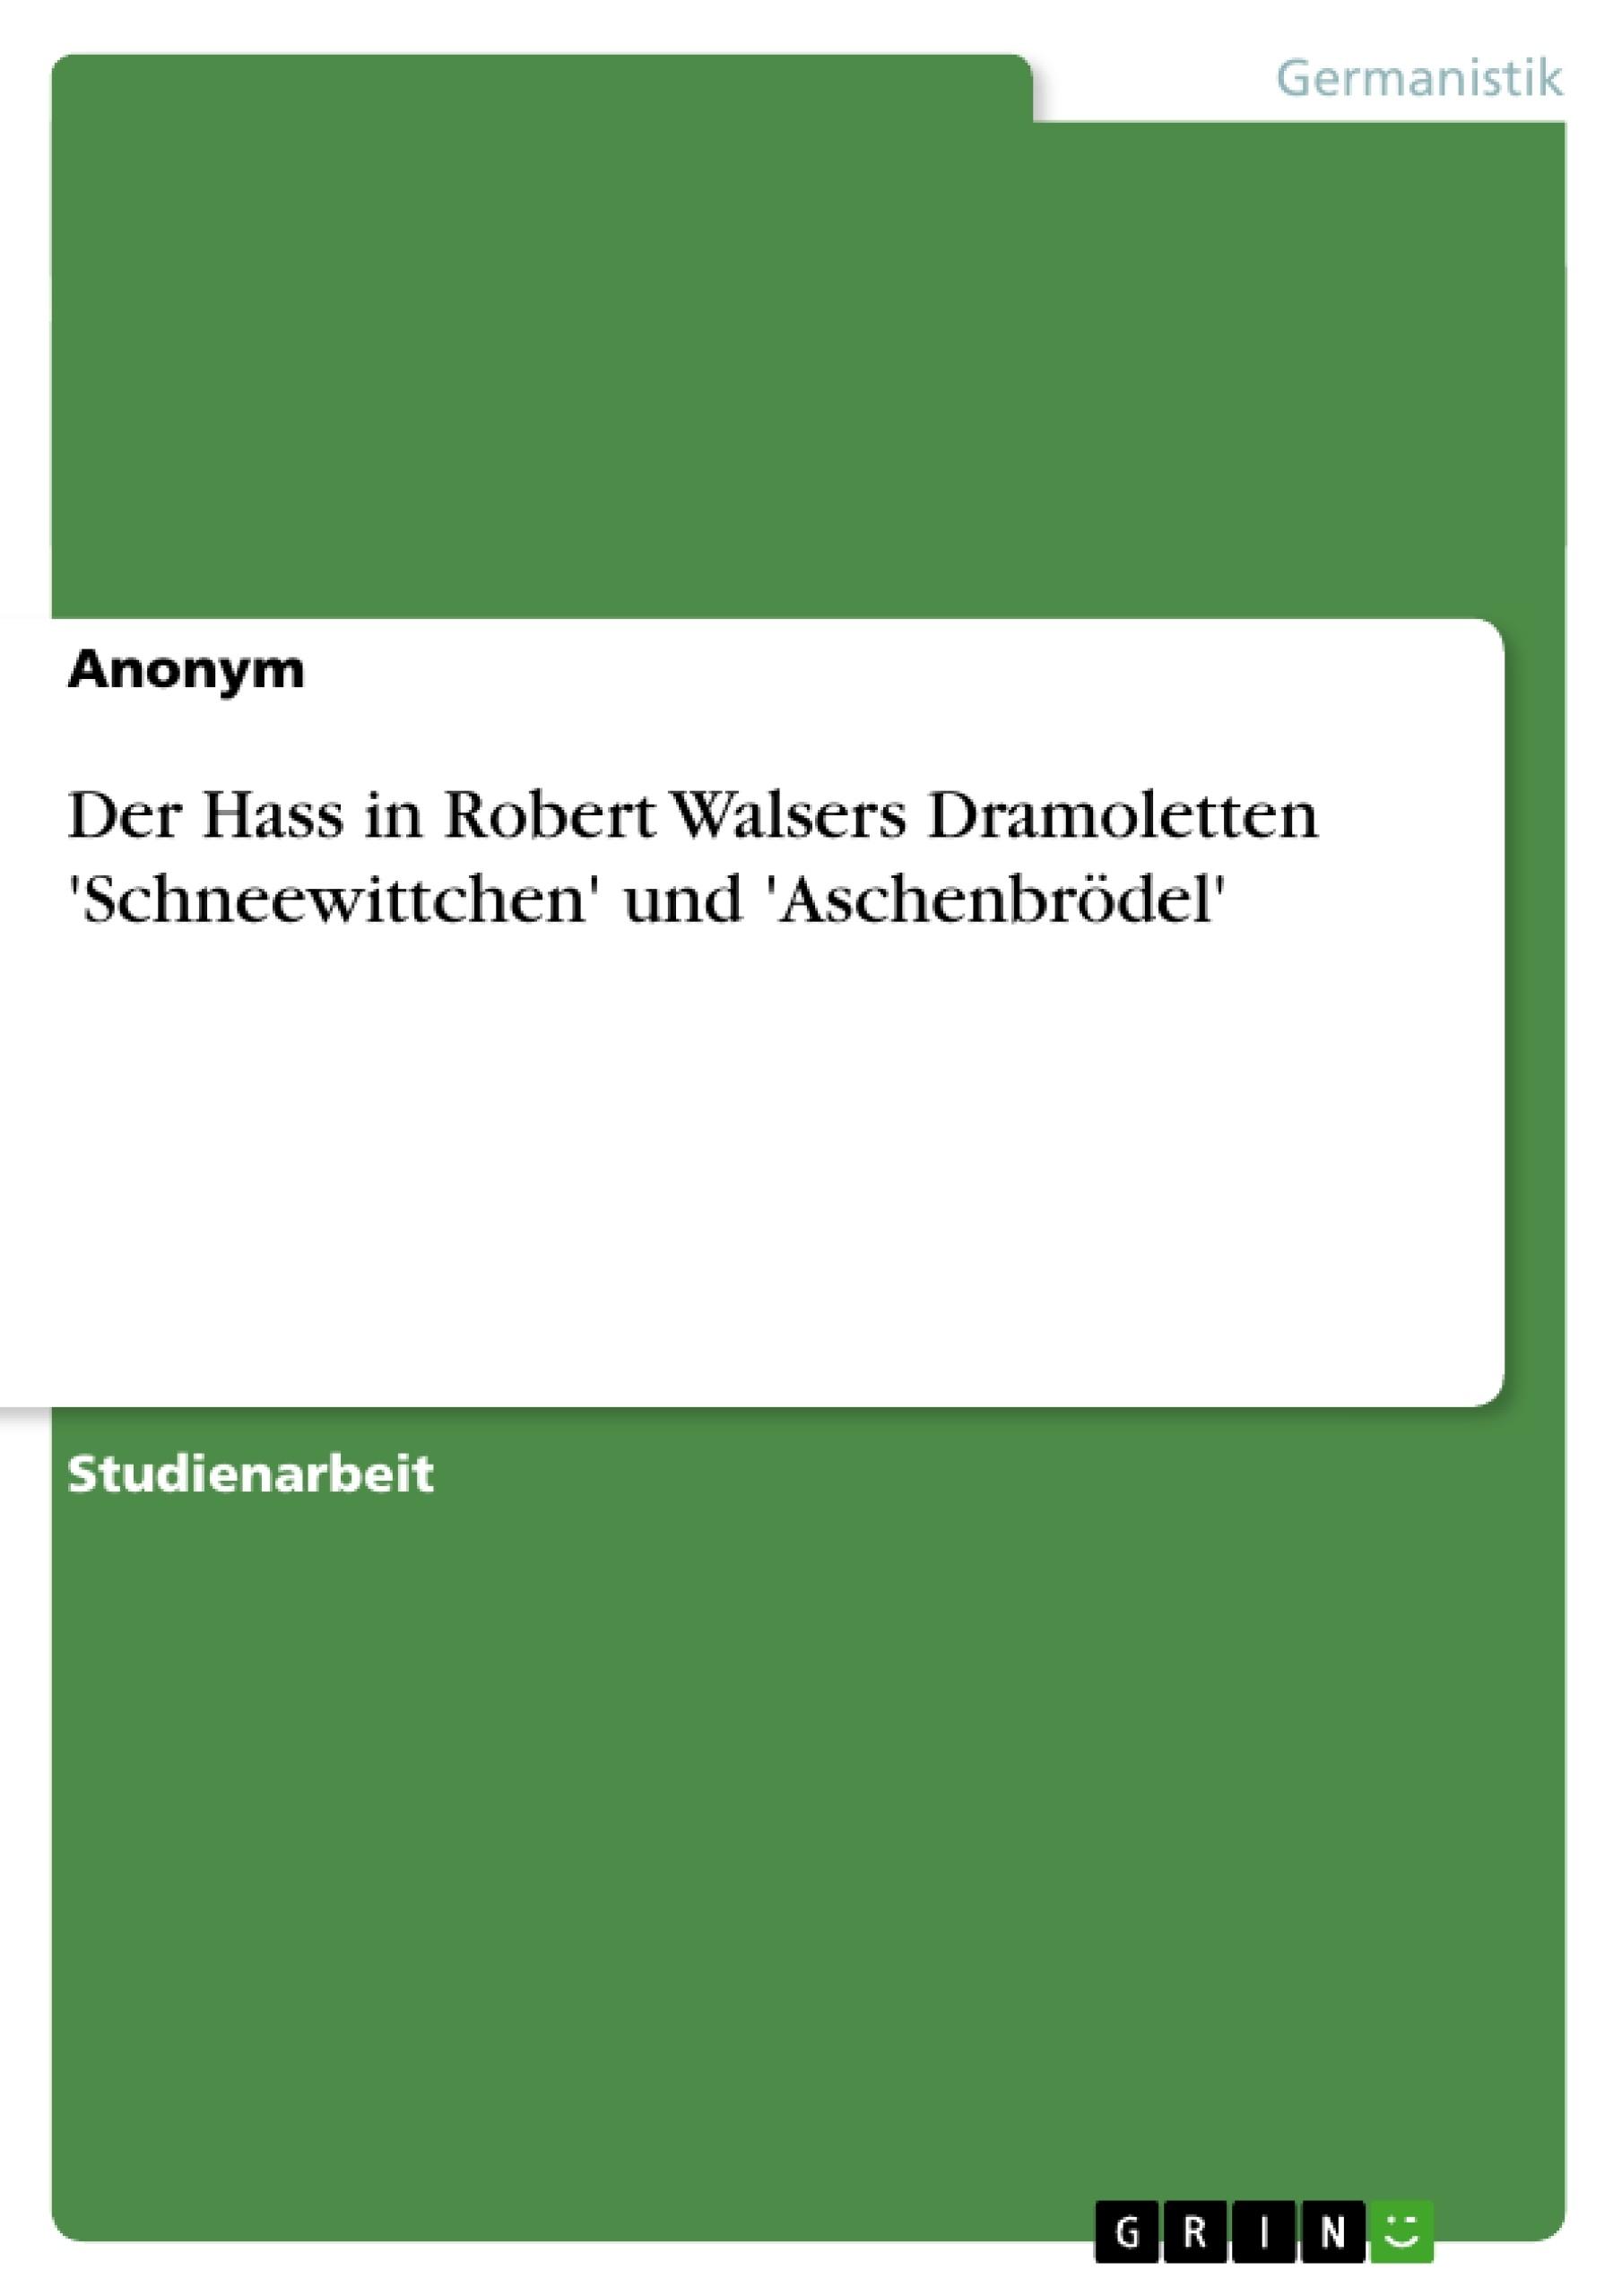 Titel: Der Hass in Robert Walsers Dramoletten 'Schneewittchen' und 'Aschenbrödel'